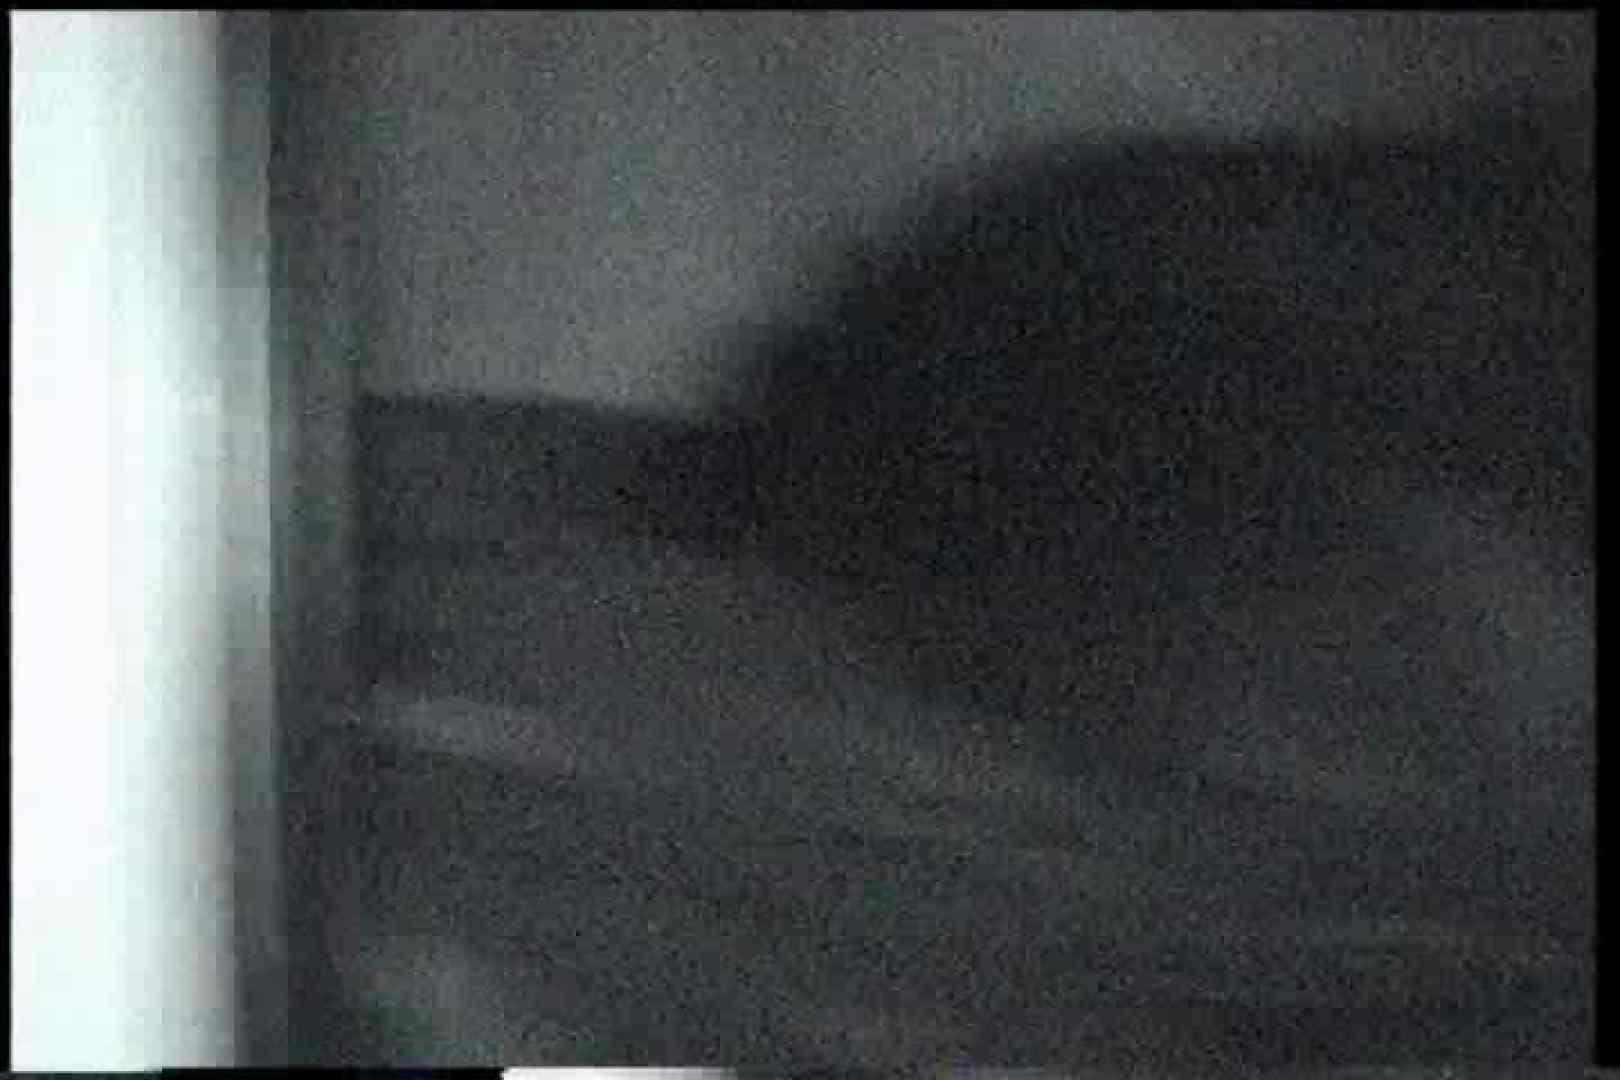 充血監督の深夜の運動会Vol.165 OLエロ画像  105PICs 4